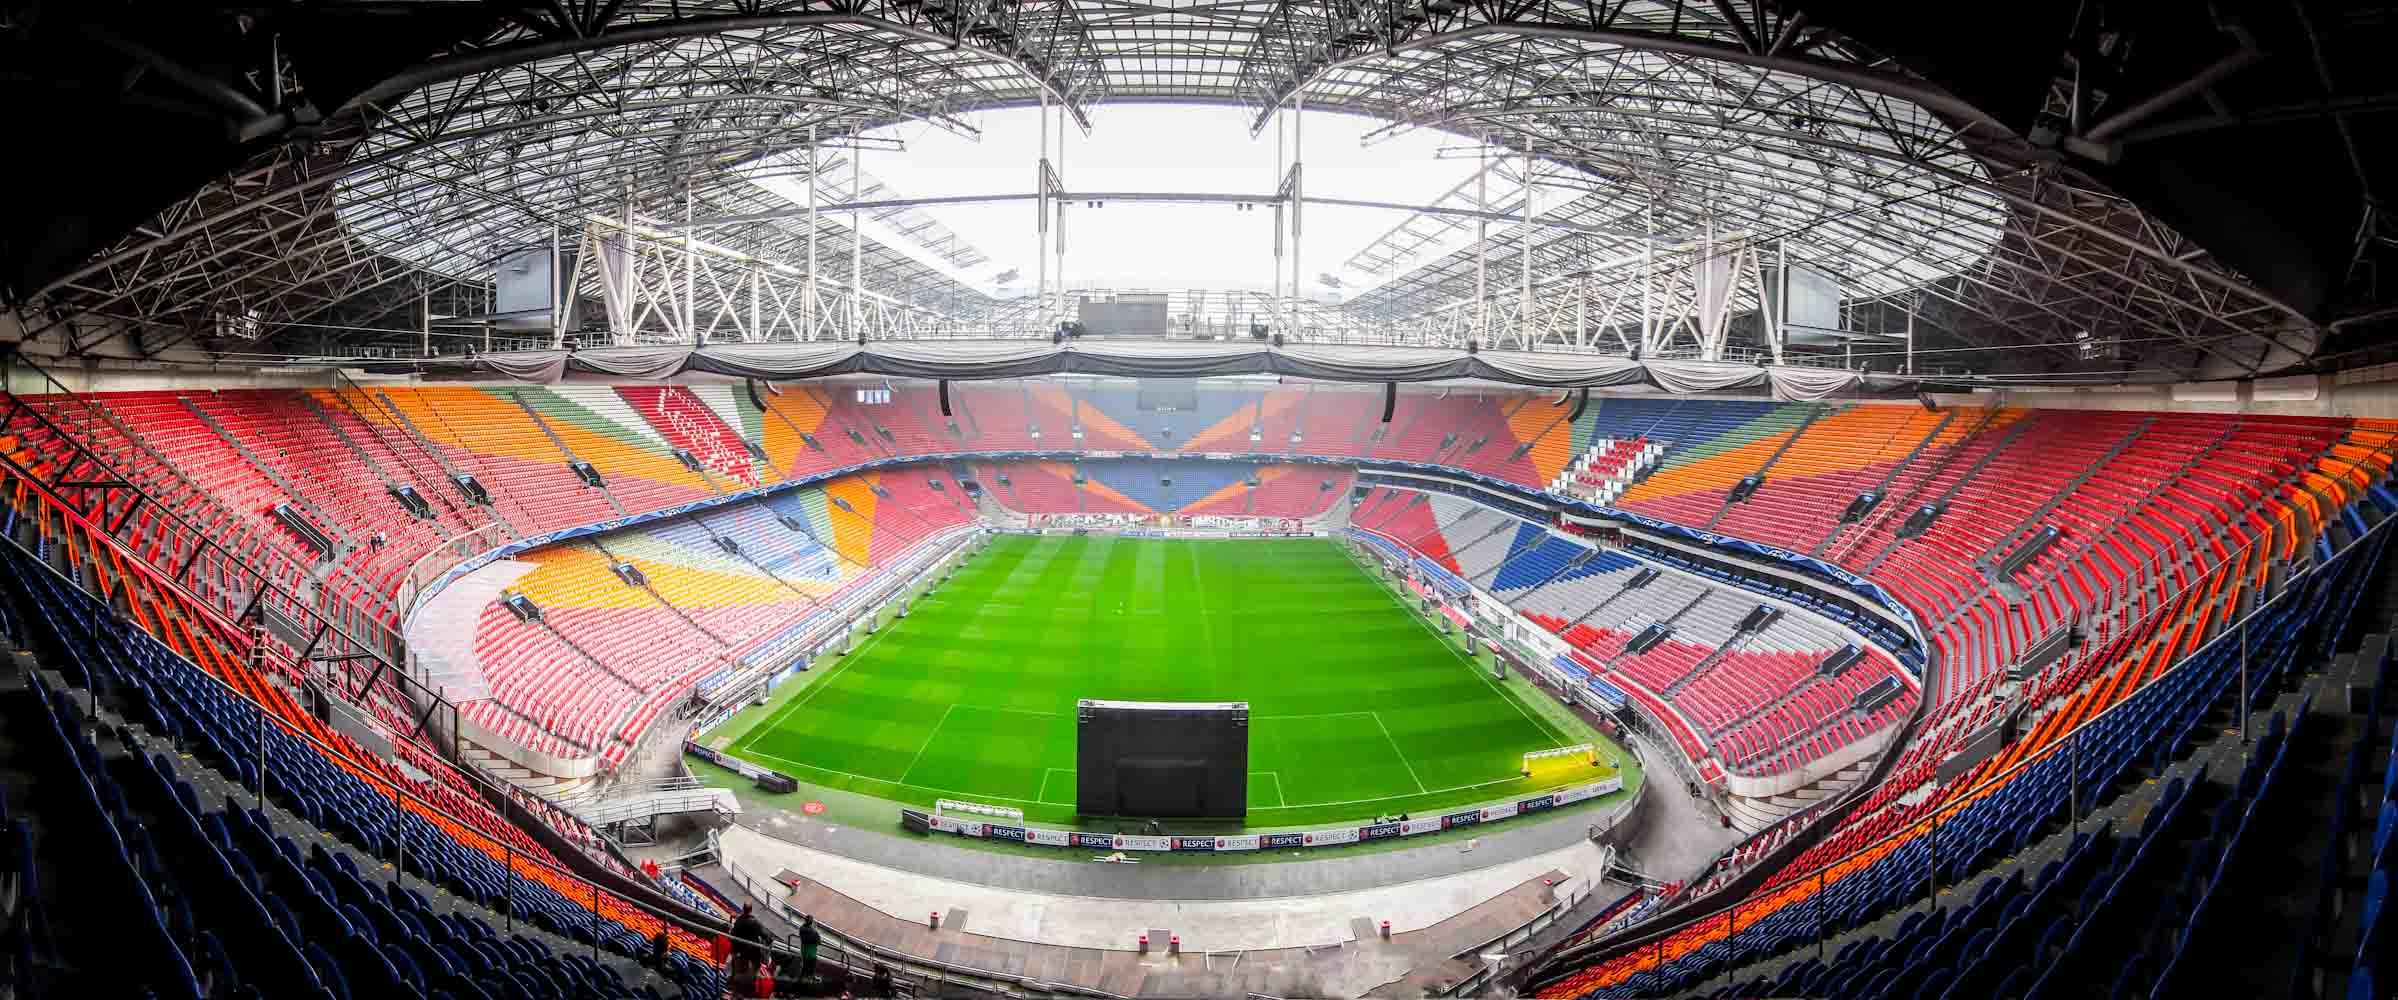 Amsterdam Arena: Voorbeeld voor smart cities